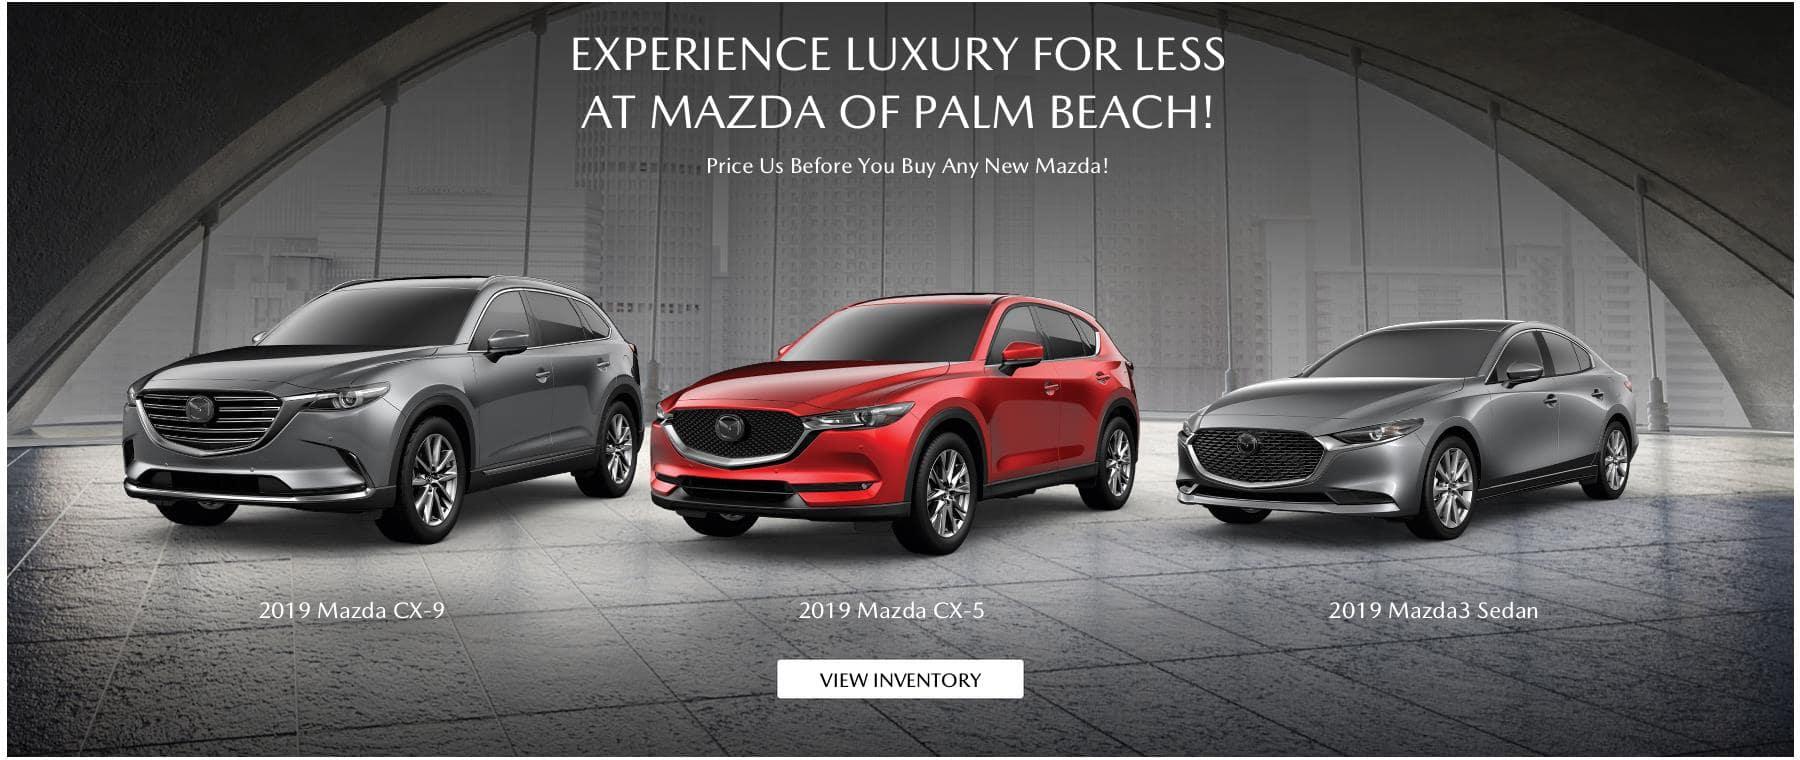 New Mazda & Used Car Dealer in FL   Mazda of Palm Beach